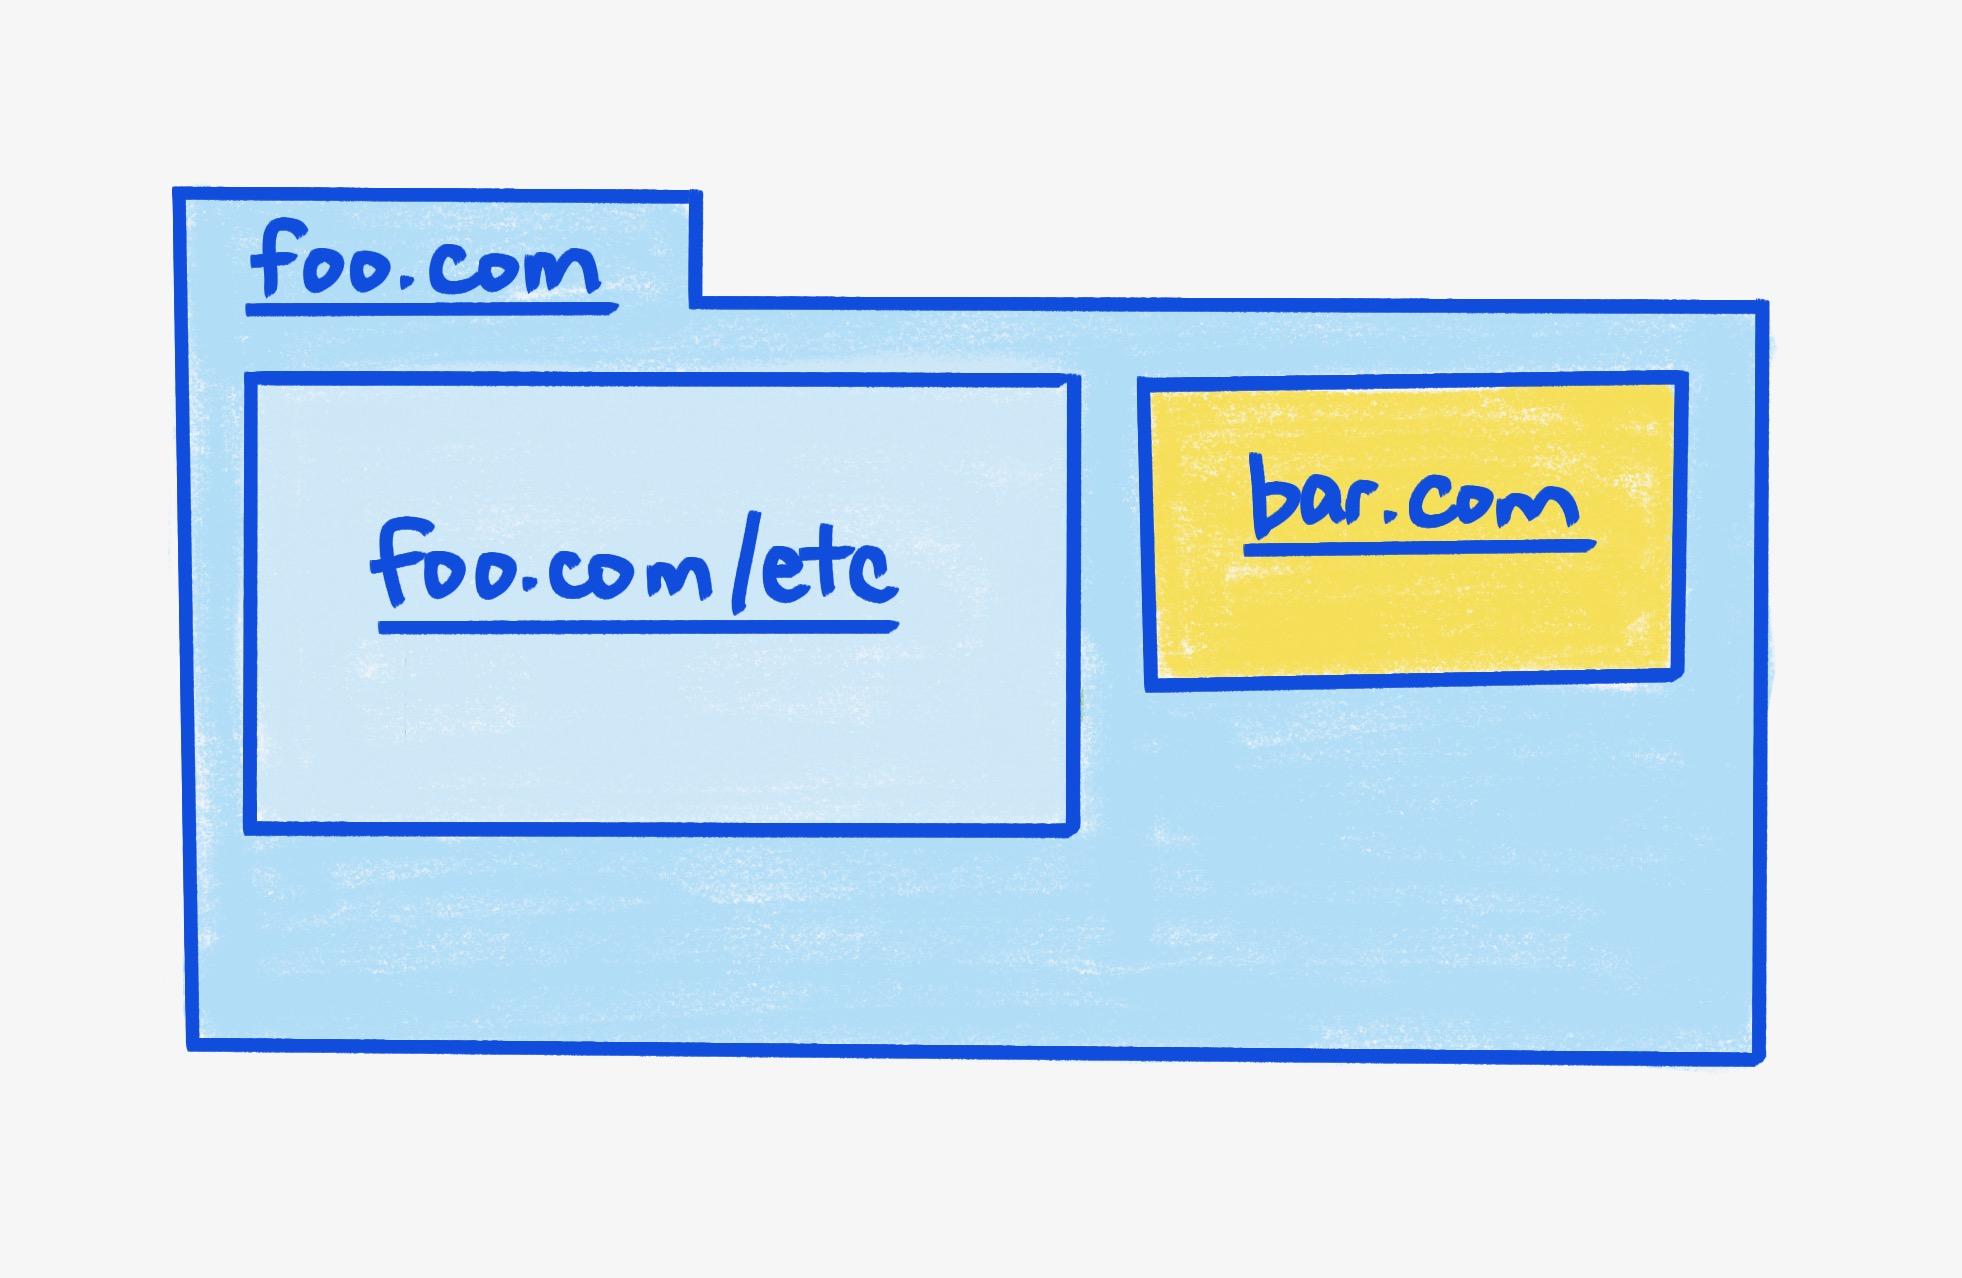 A parent frame foo.com, containing two iframes.